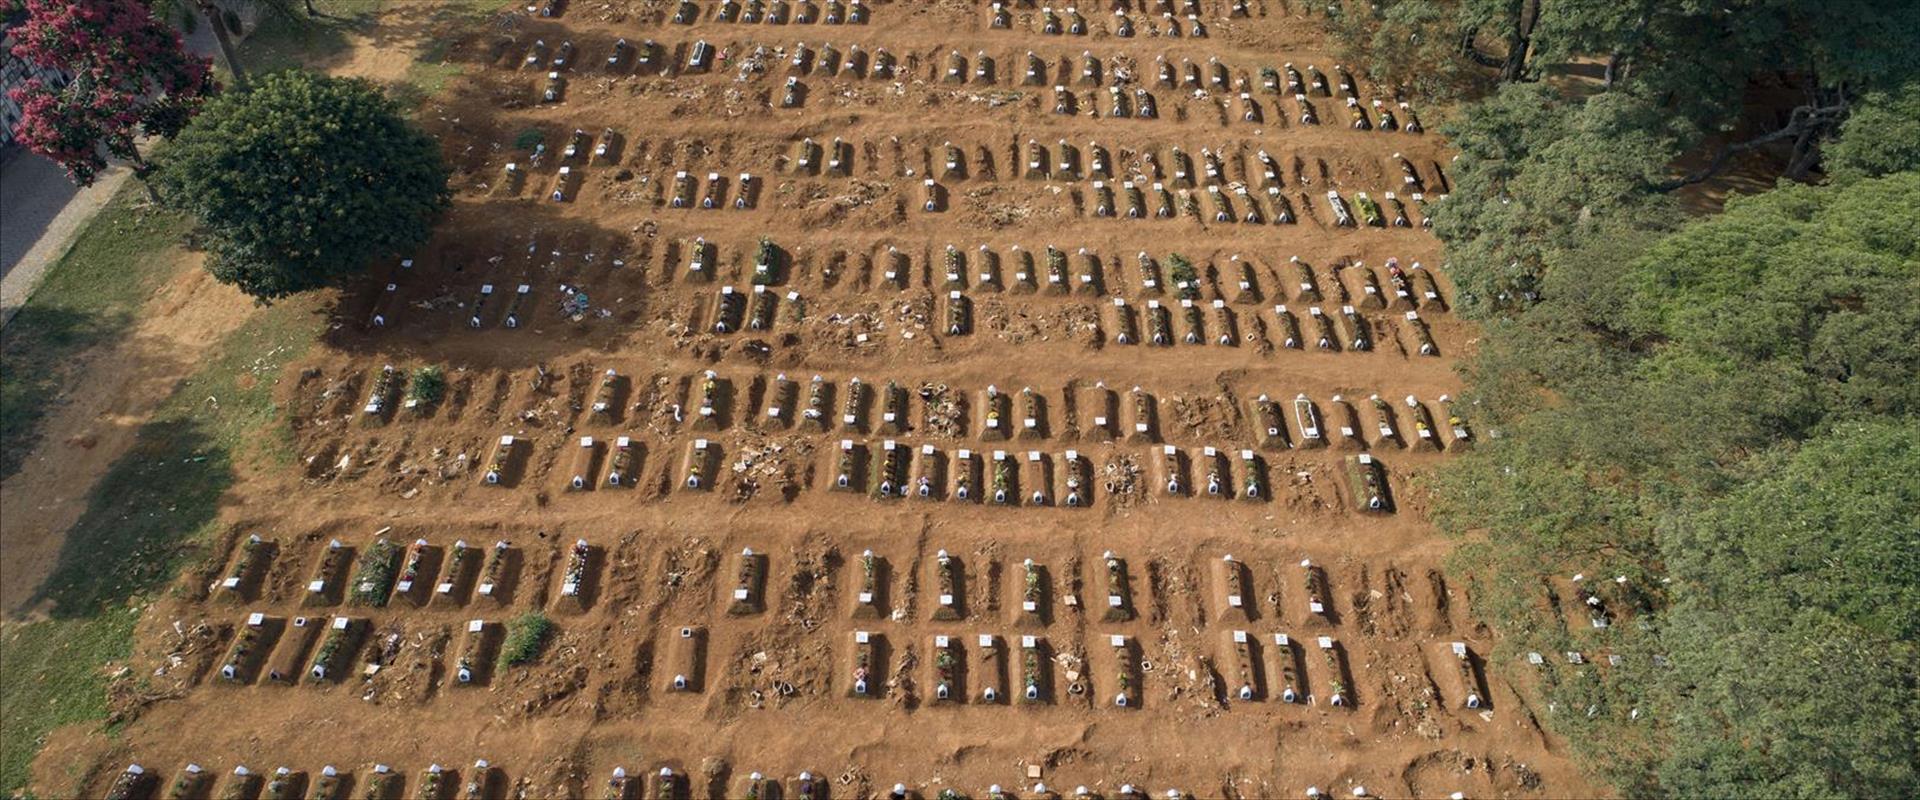 חלקת המתים מקורונה בית קברות בברזיל, בסוף השבוע